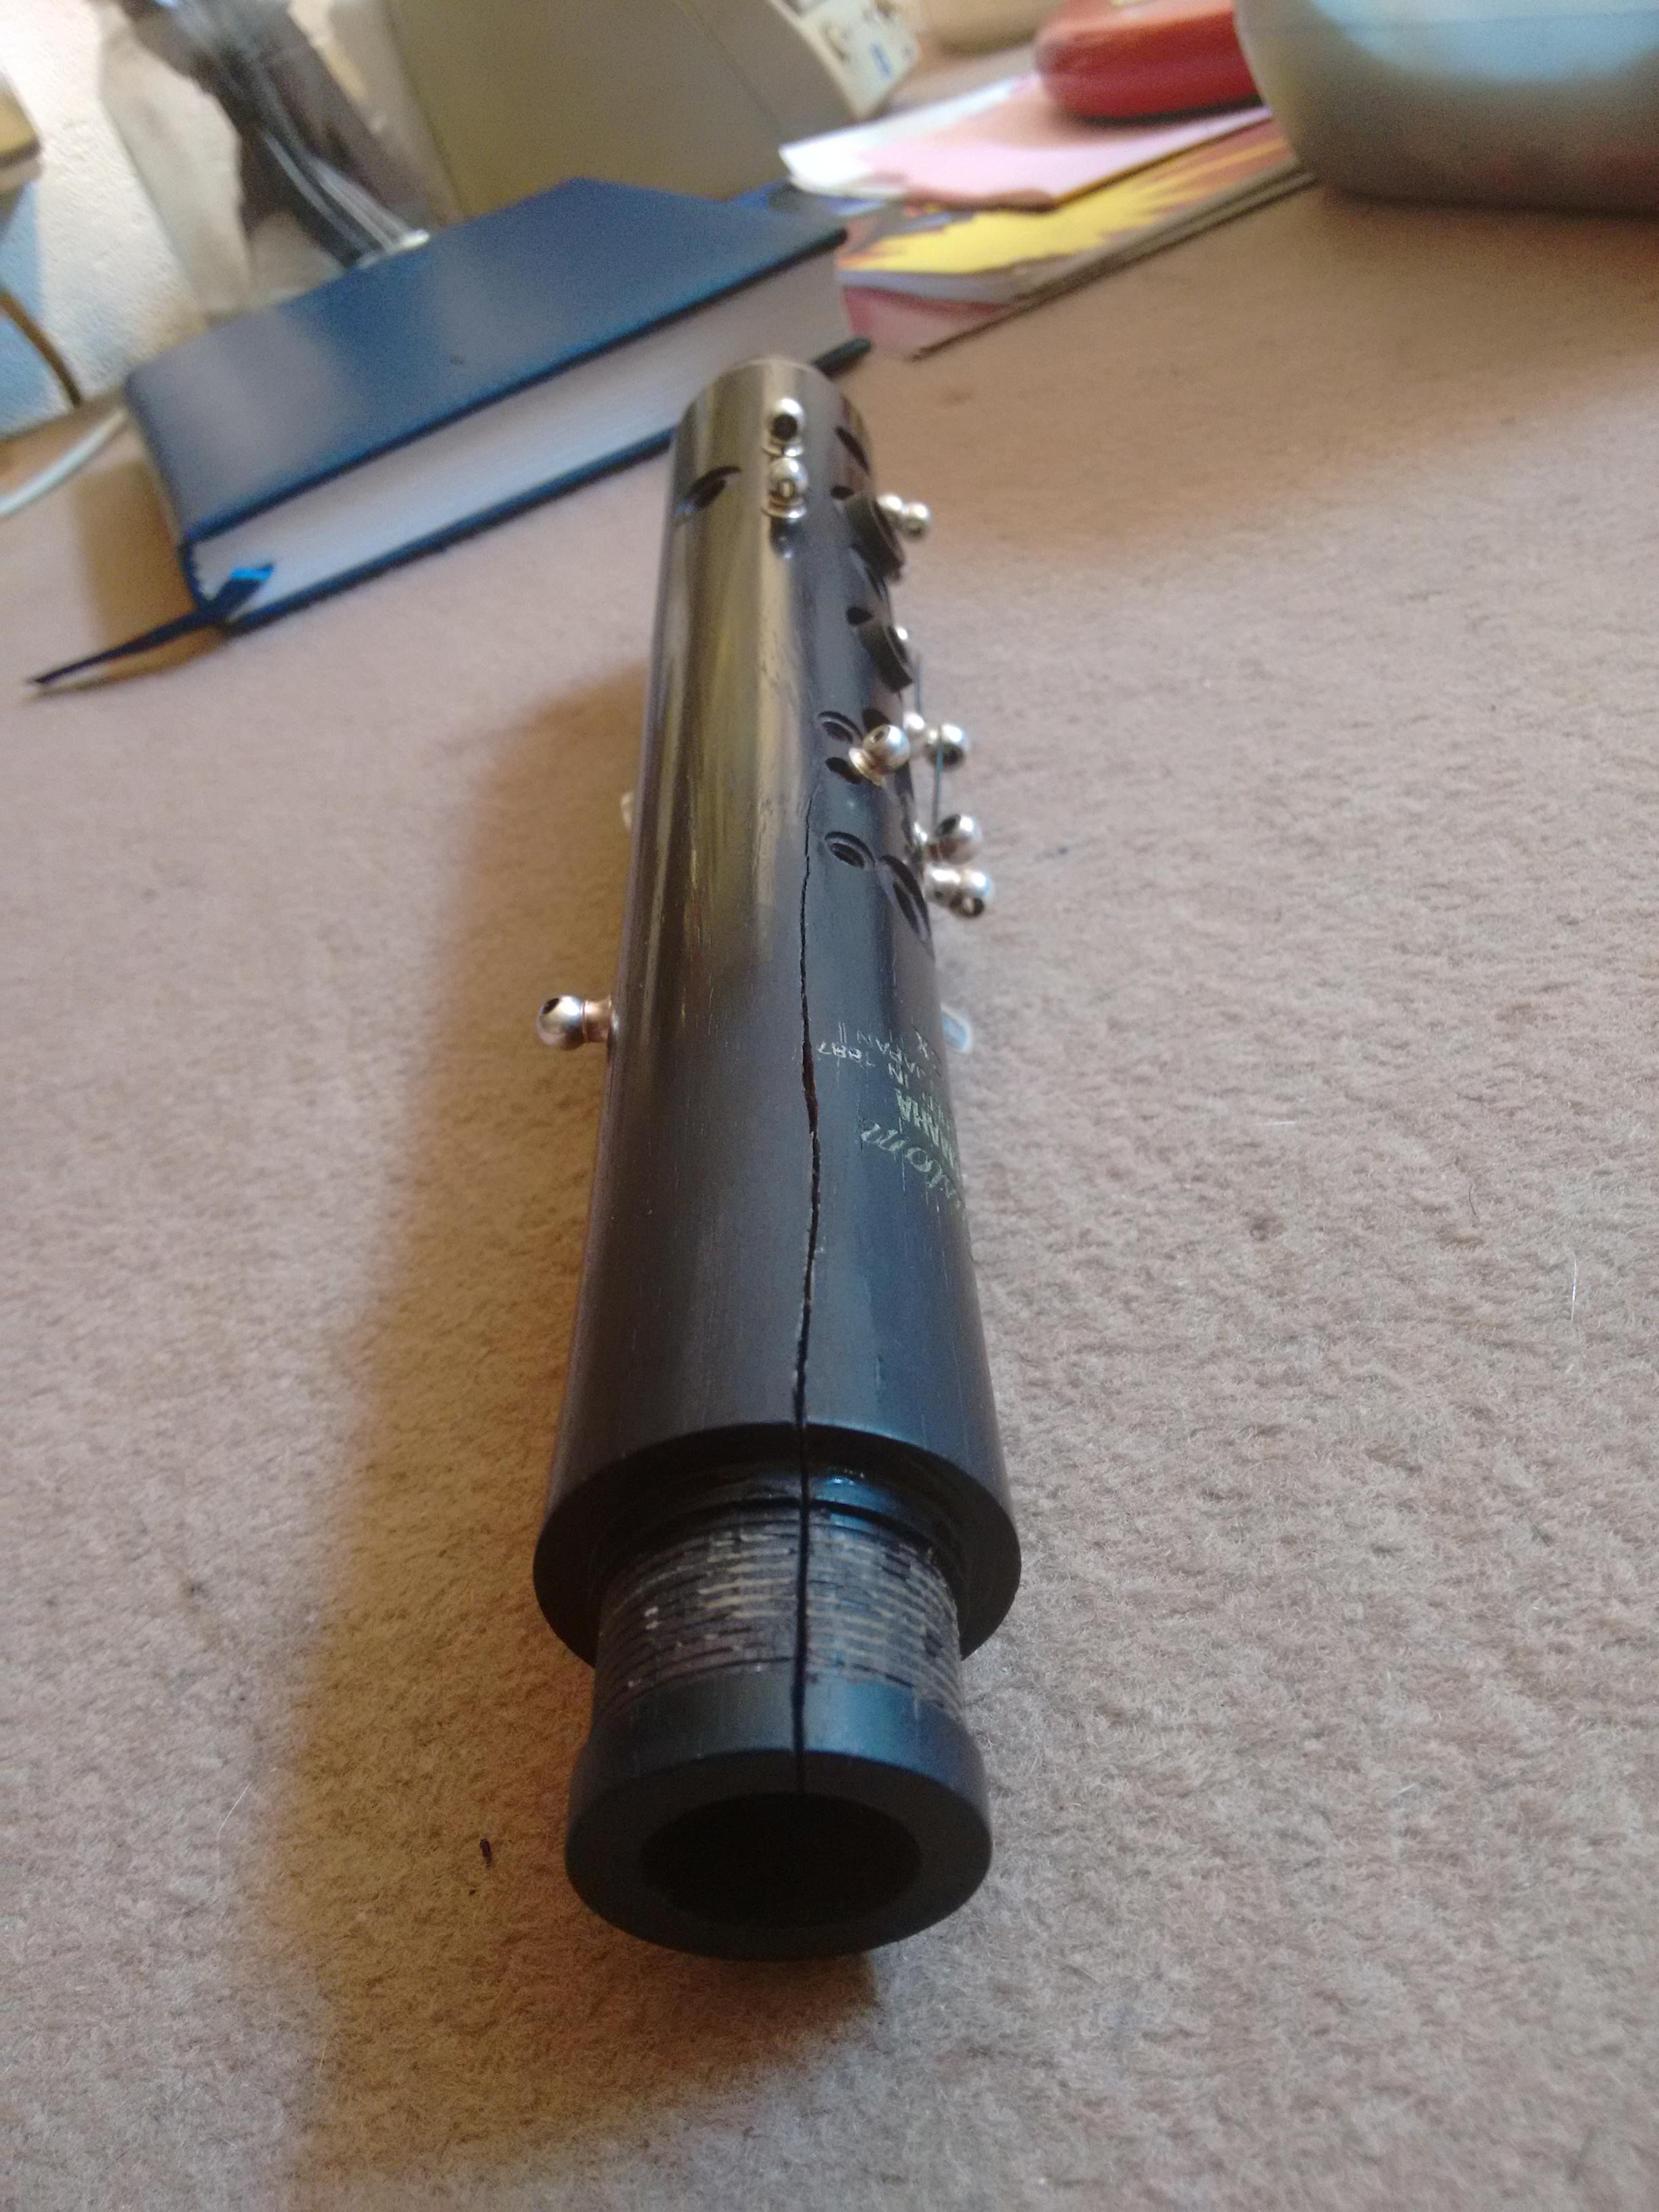 Raja en el cuerpo superior incluyendo la espiga del barrilete de un clarinete Yamaha Custom YCL-CX